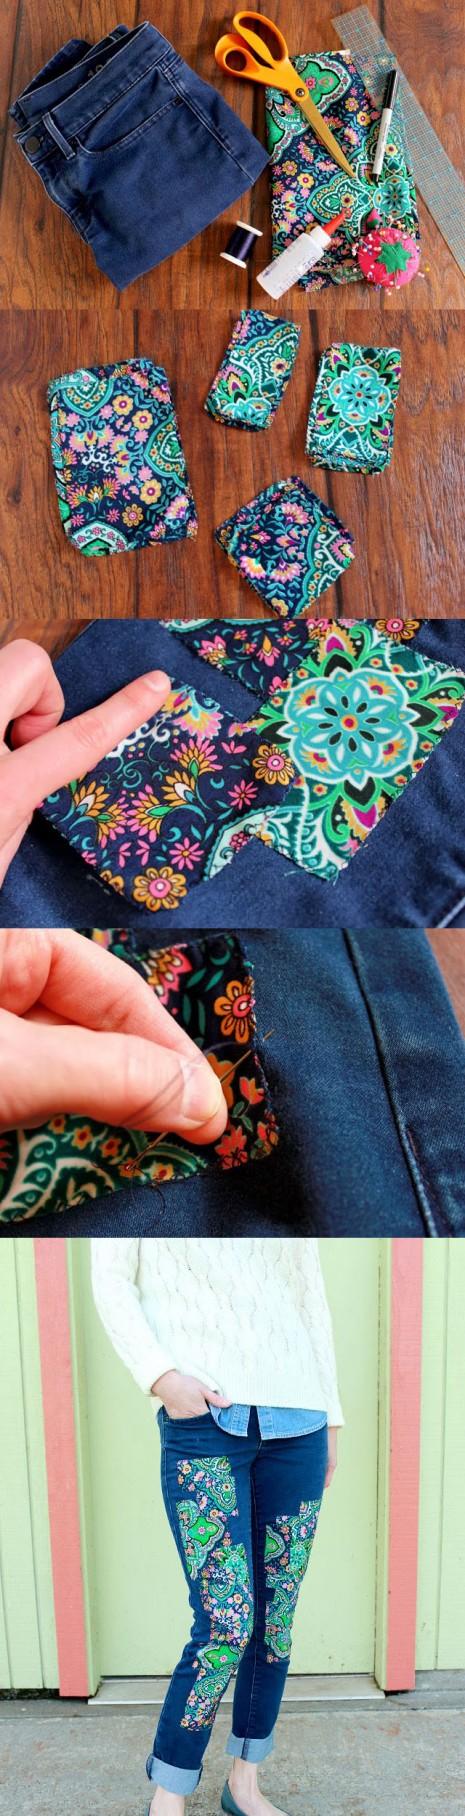 diy-designed-jeans